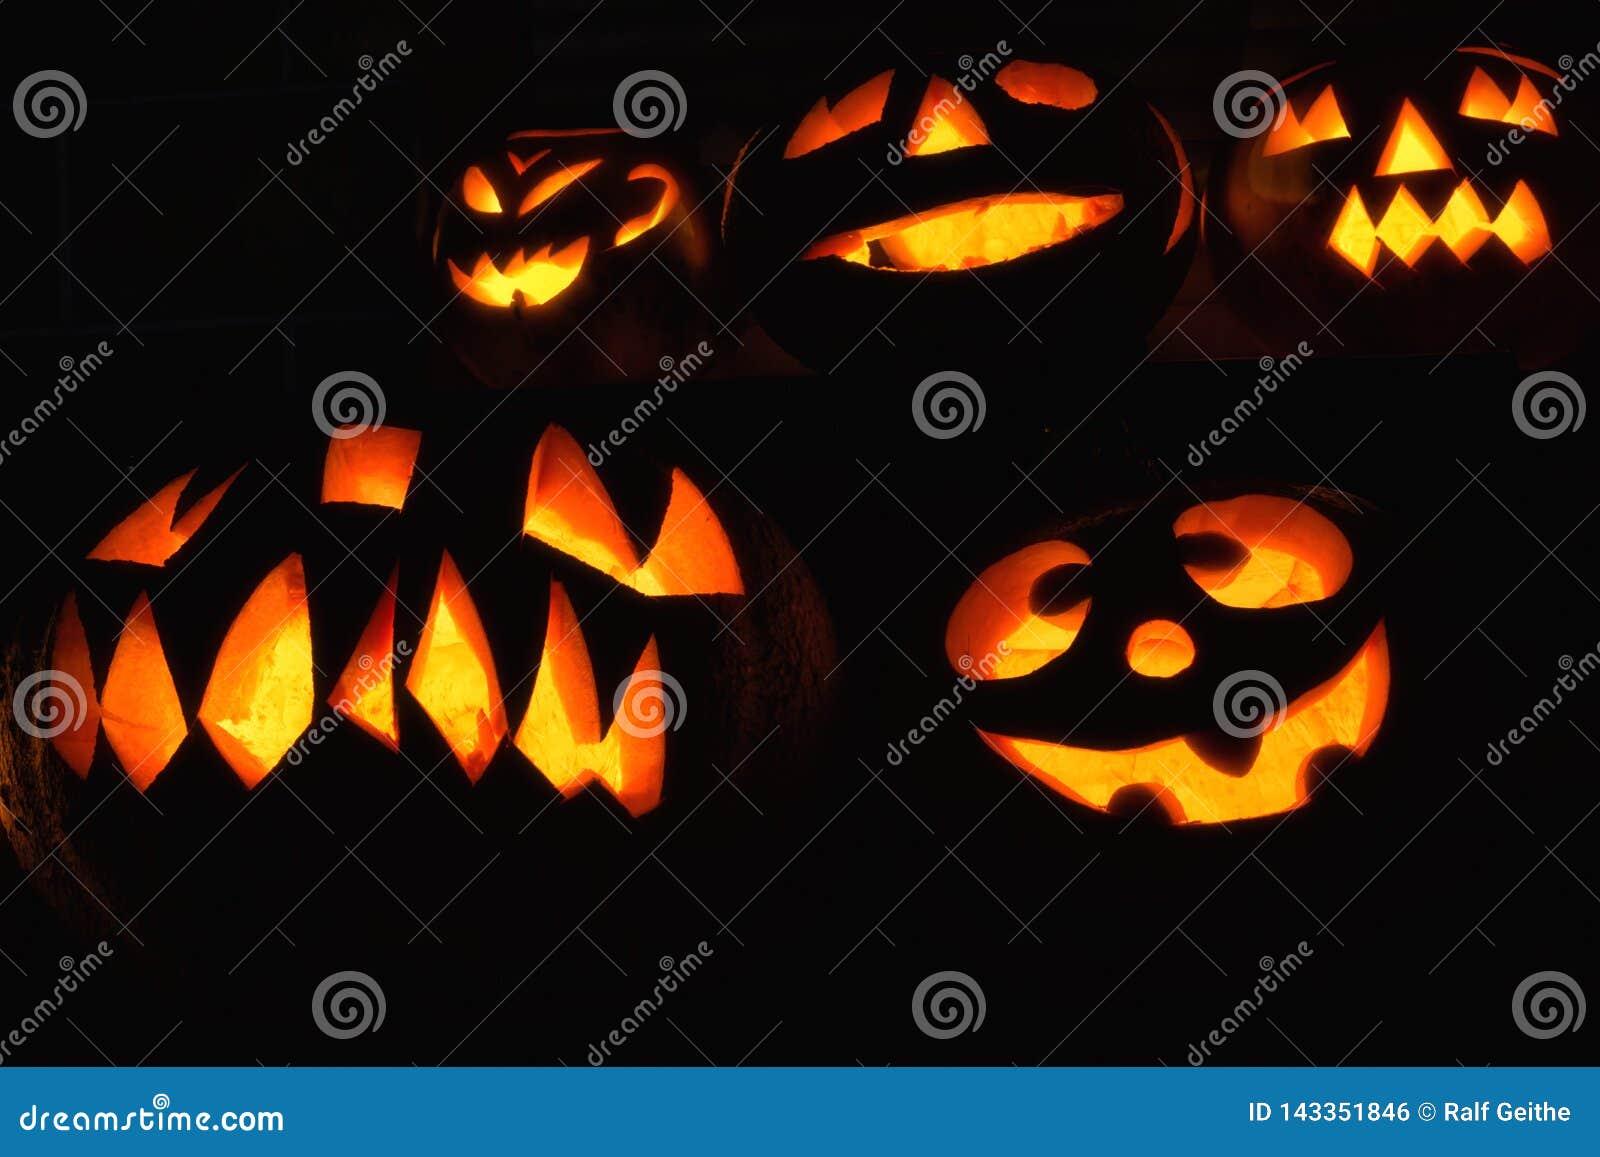 Várias abóboras criativamente cinzeladas na obscuridade para Dia das Bruxas